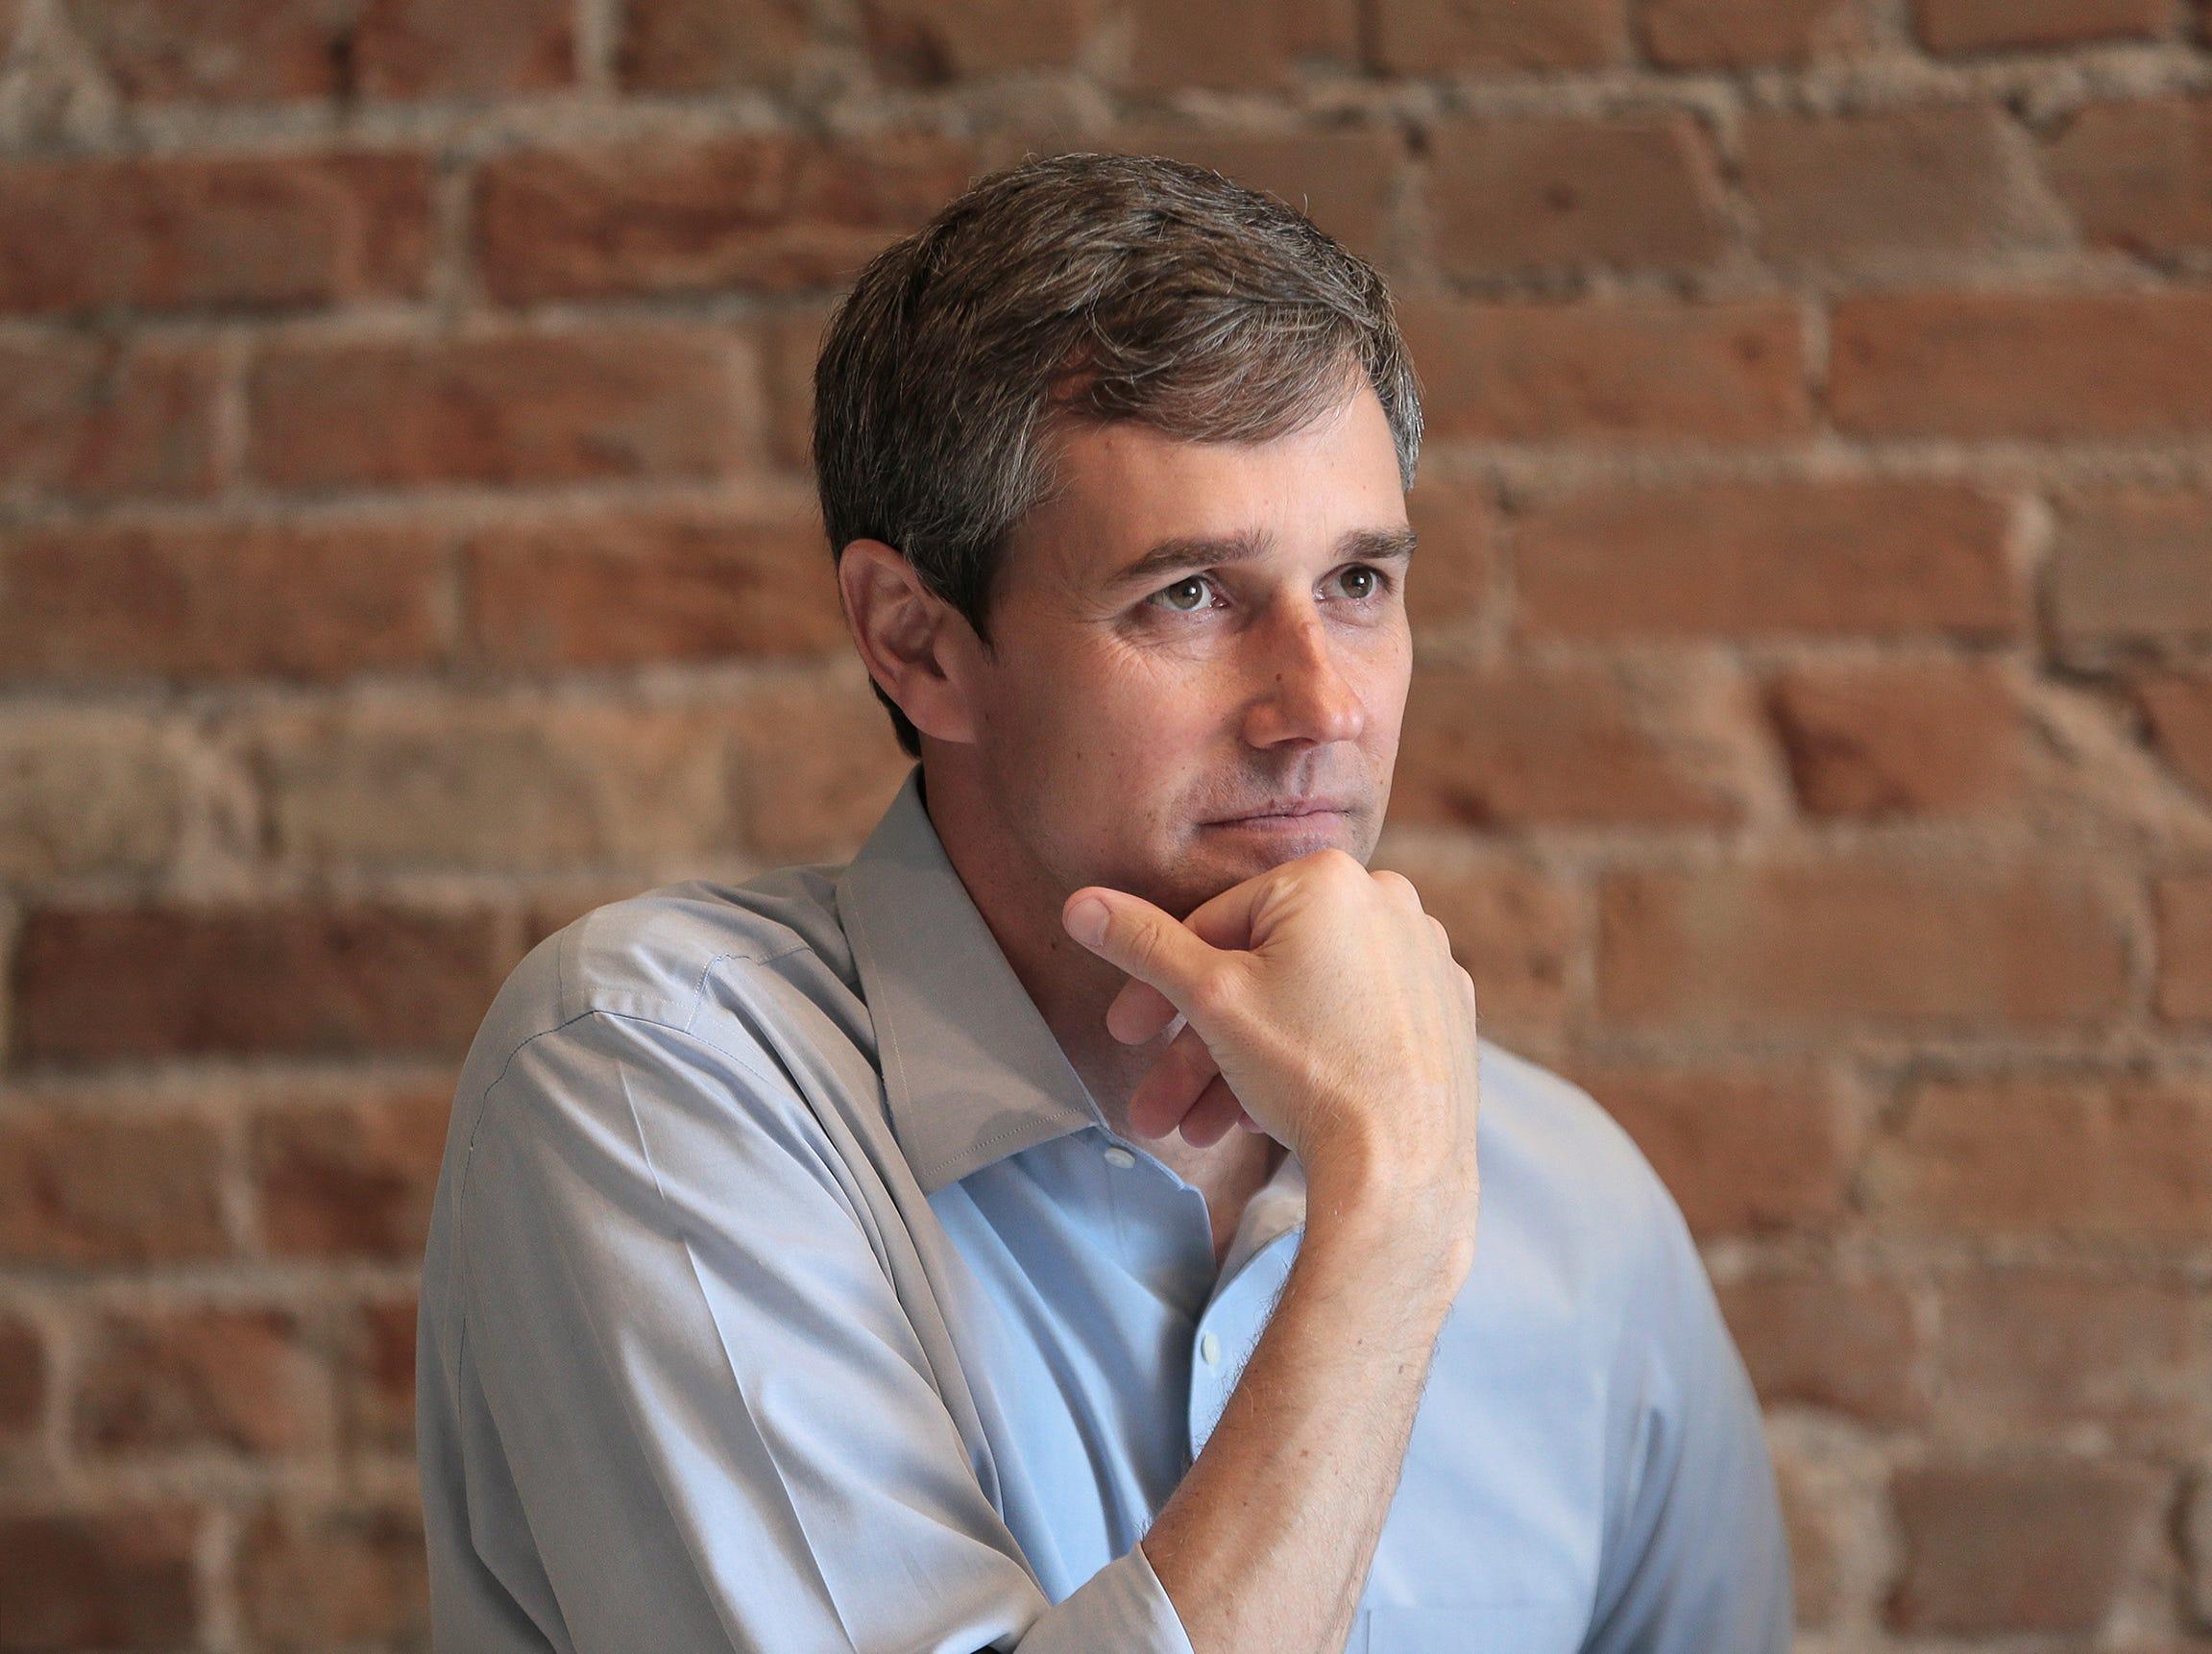 Beto O'Rourke at his home in El Paso.